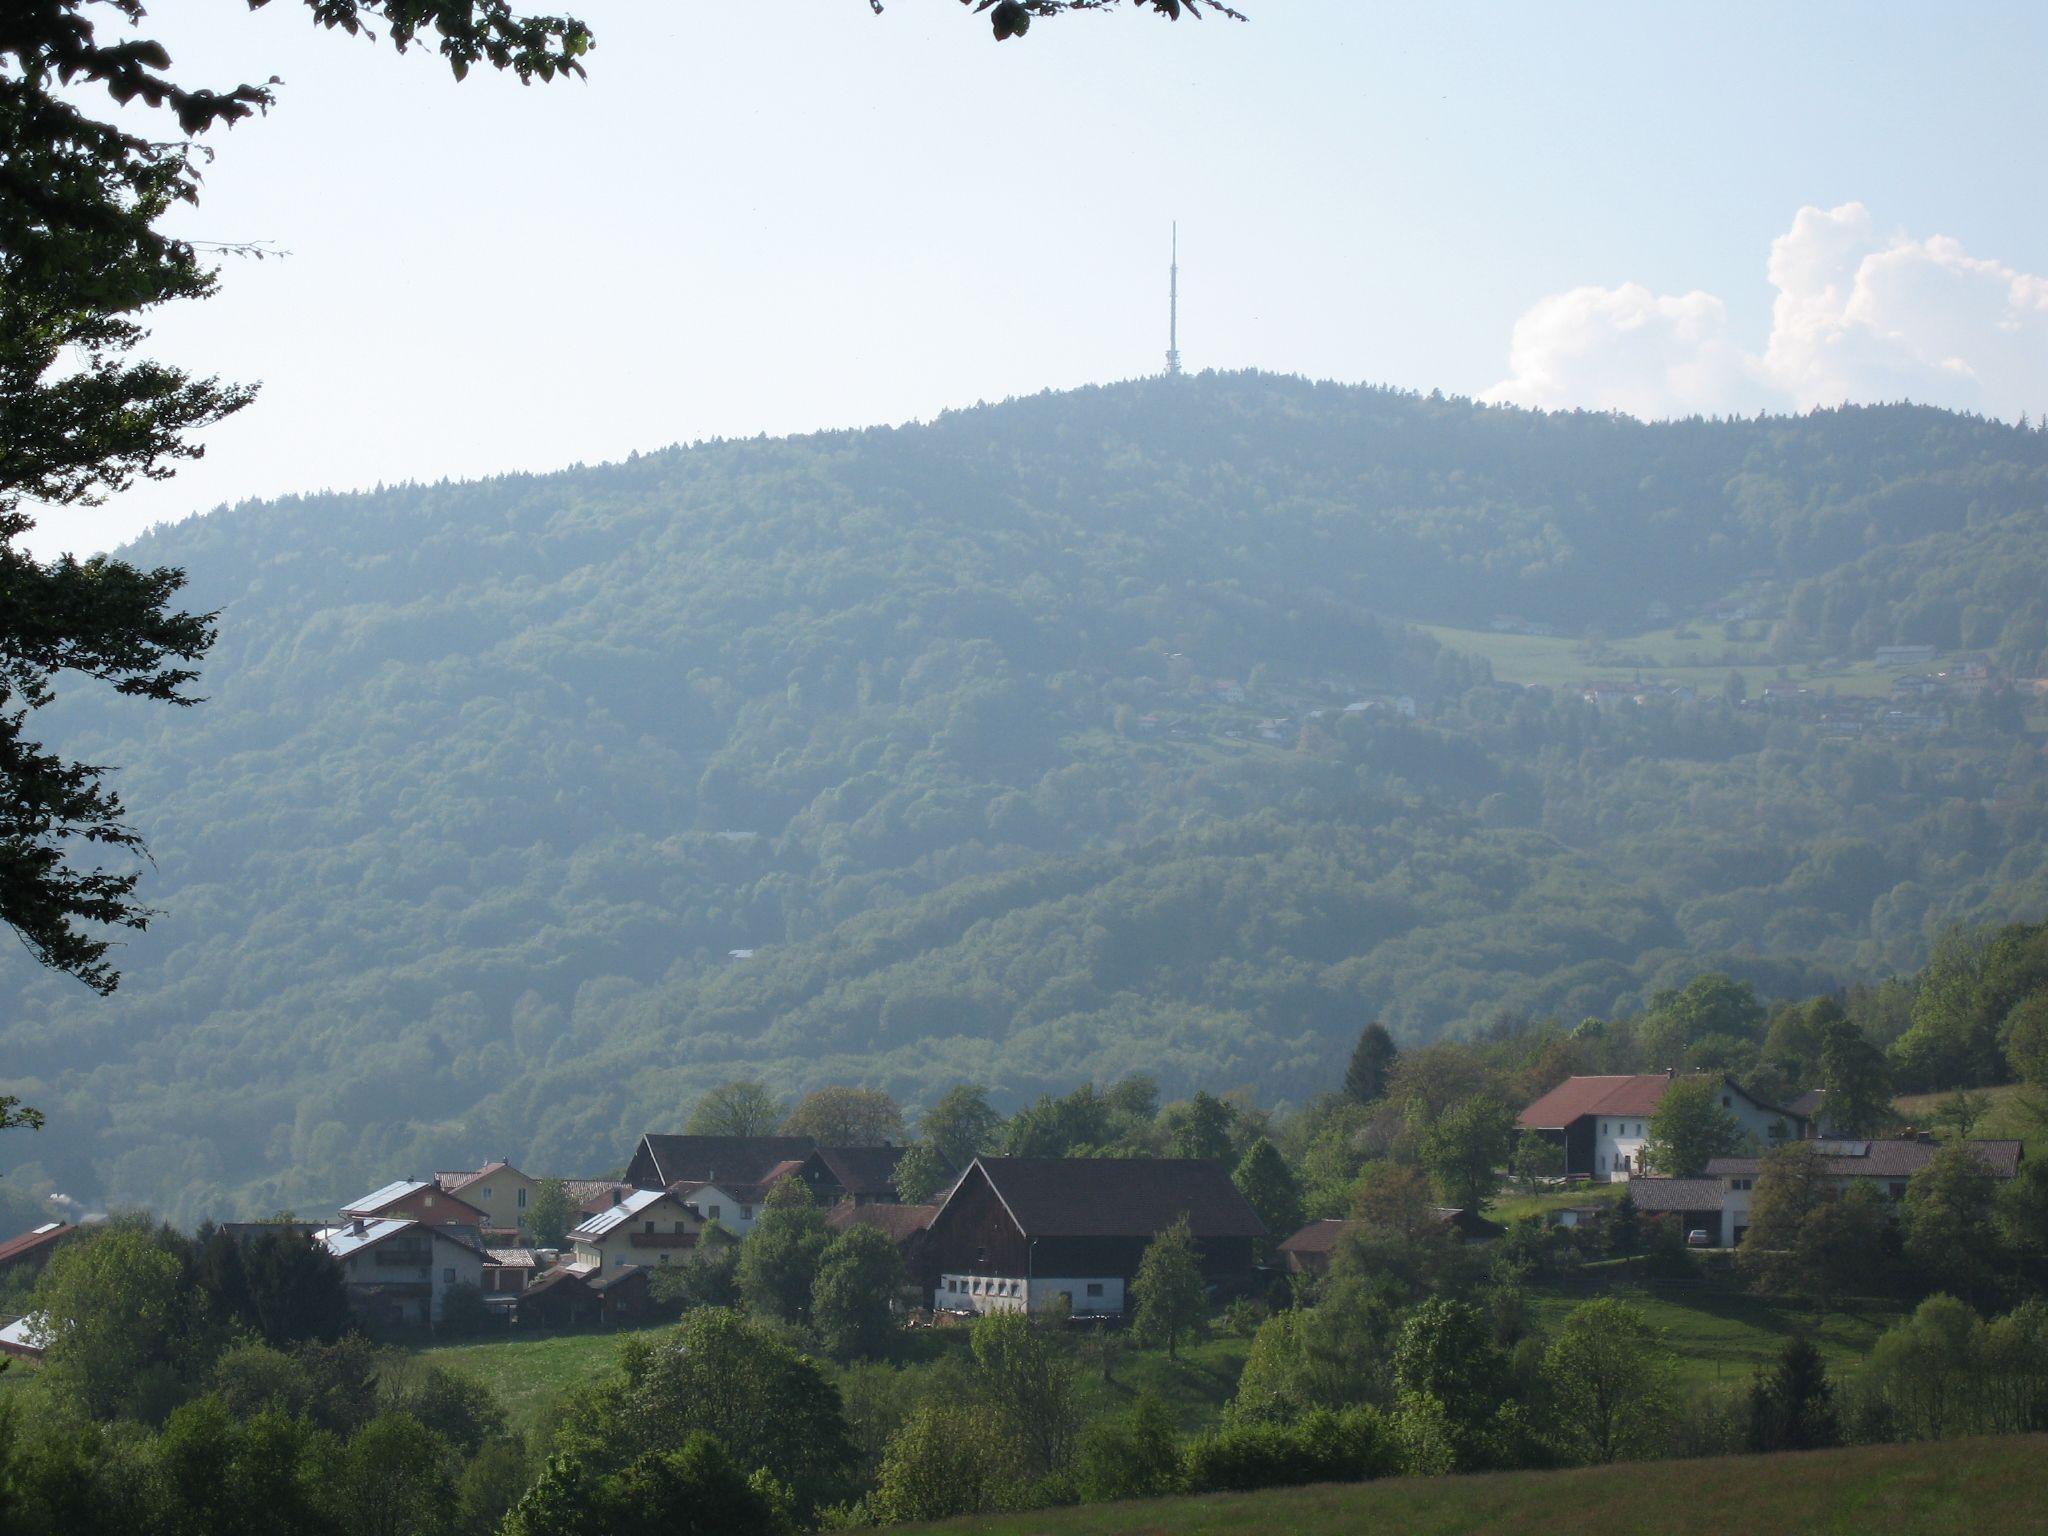 Fradlberg